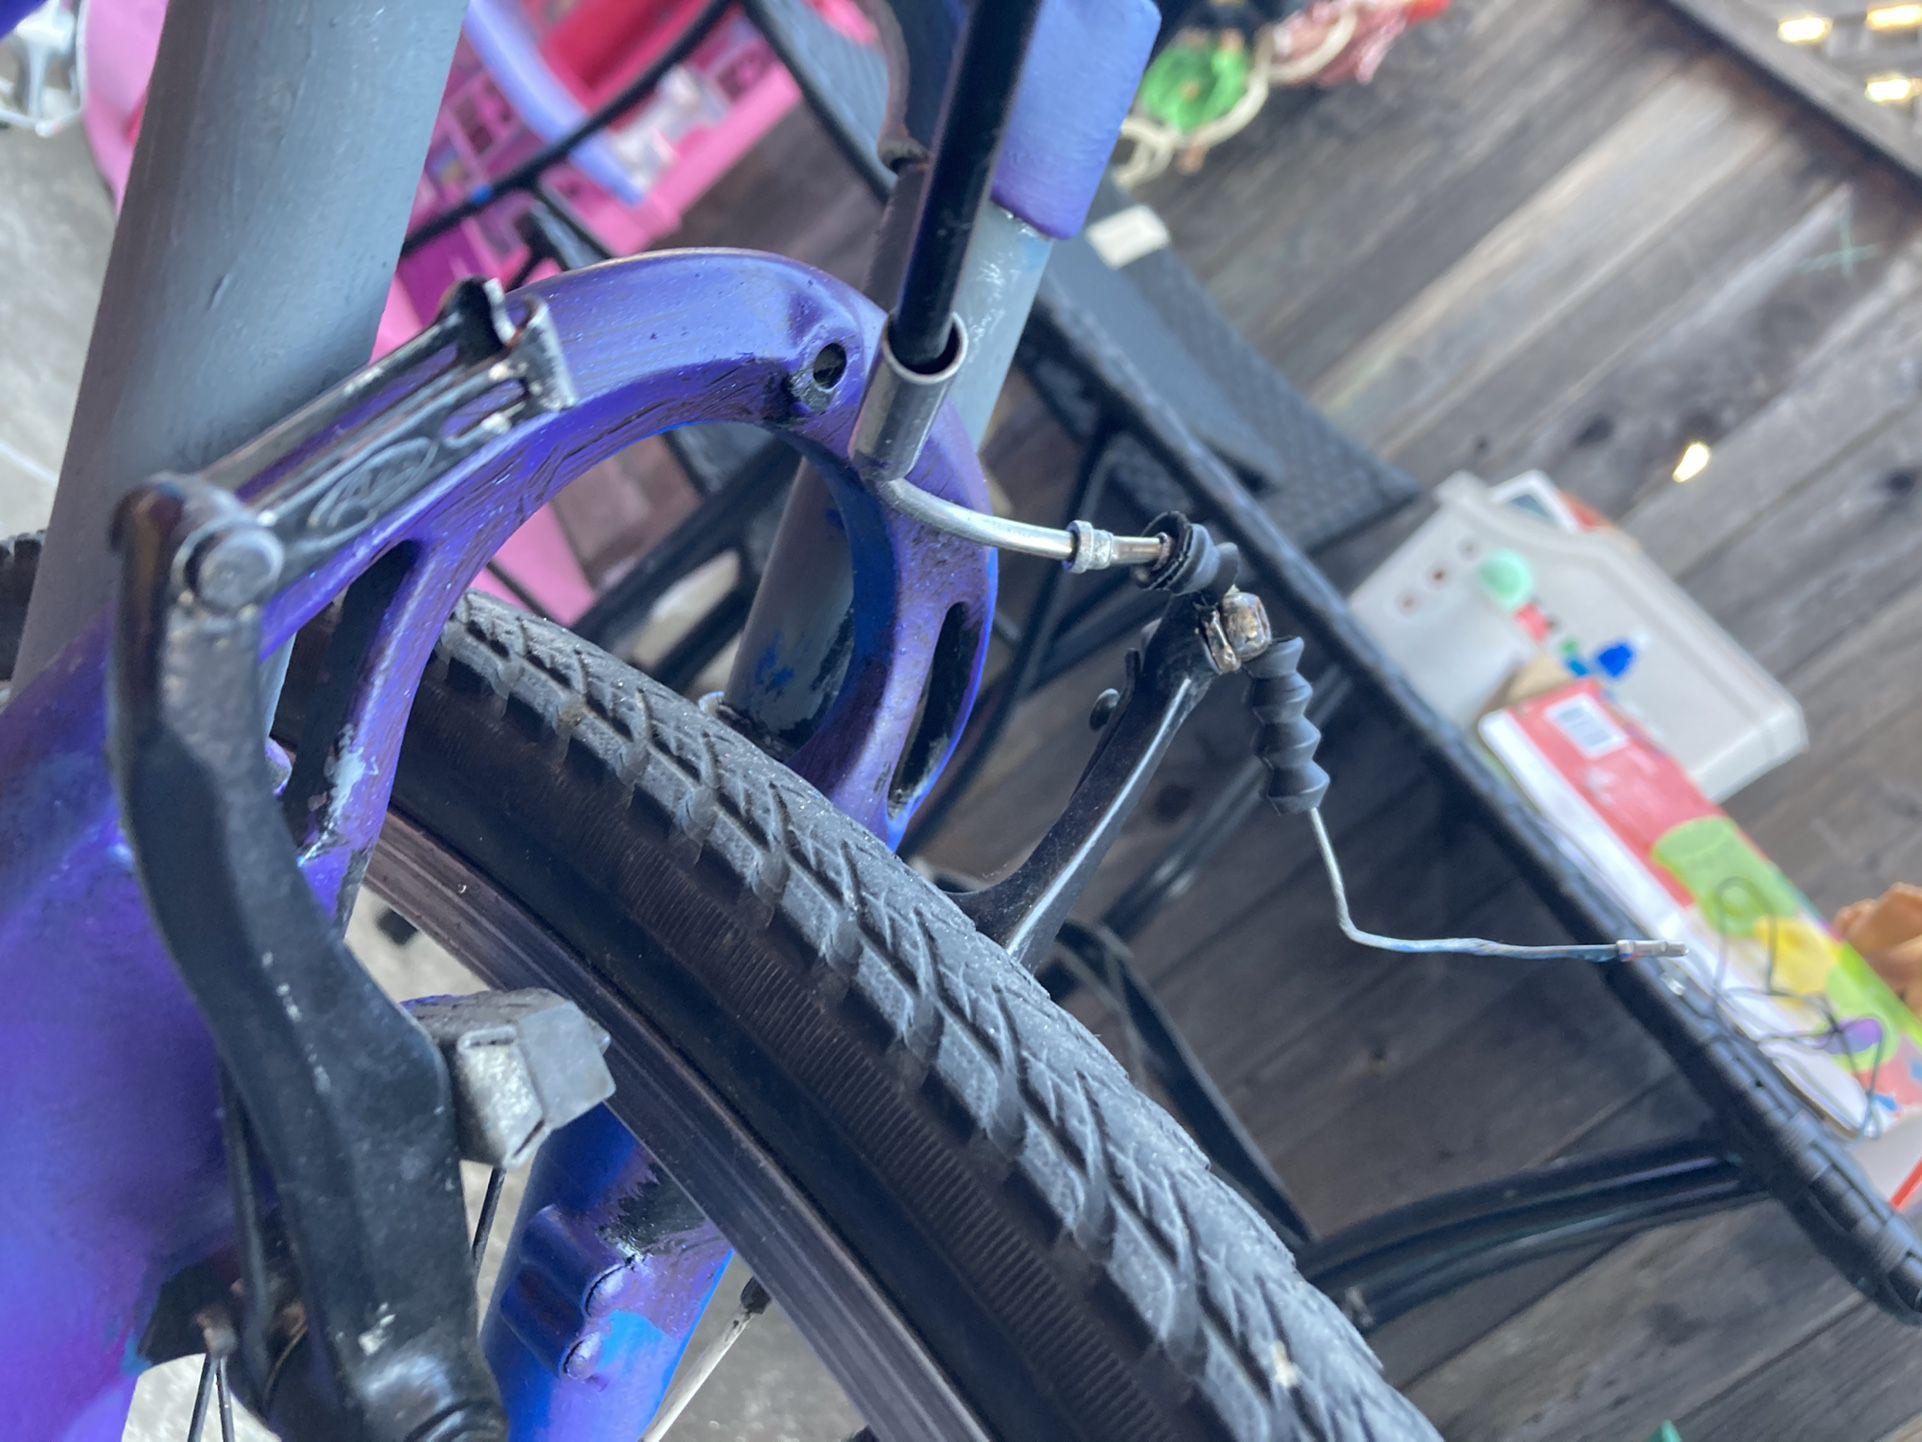 Trek 7700 Multitrack Bike